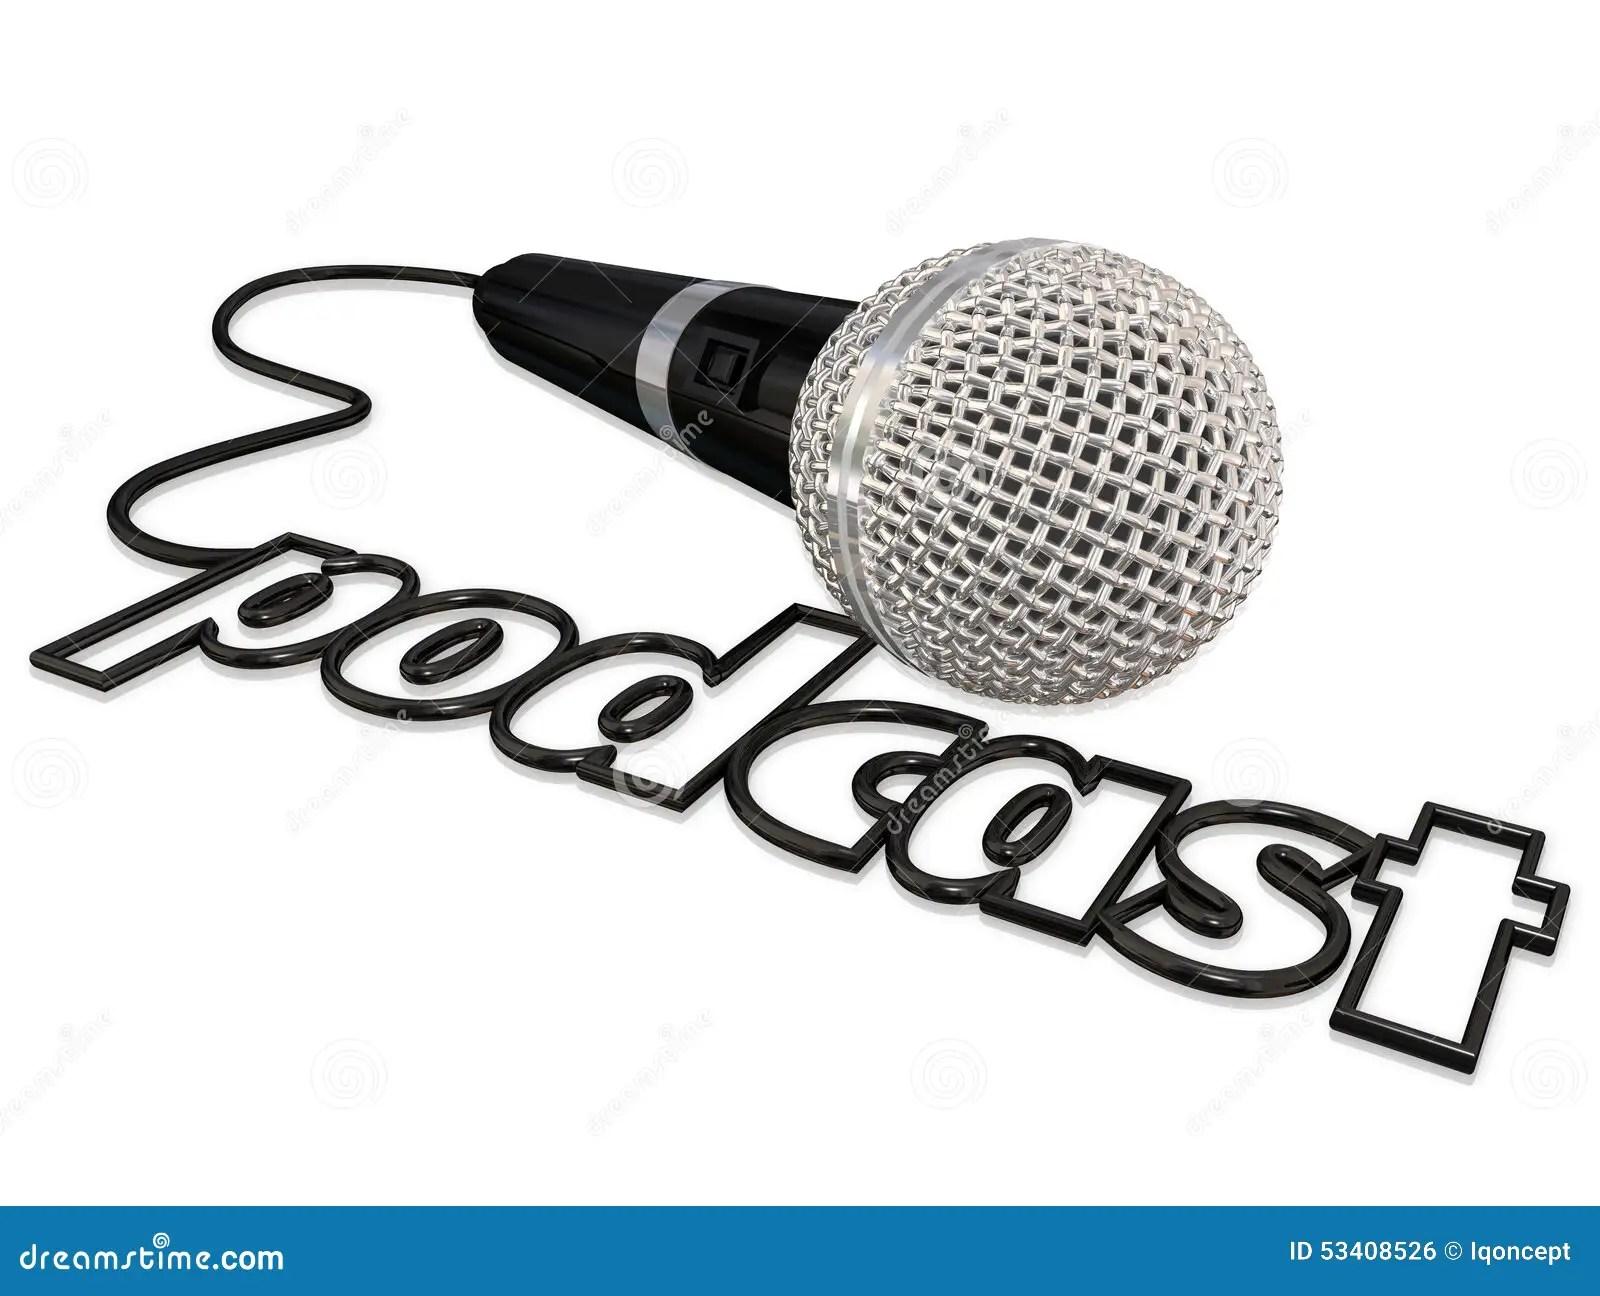 Podcast Schnur Mikrofon Kommunikation Meinung